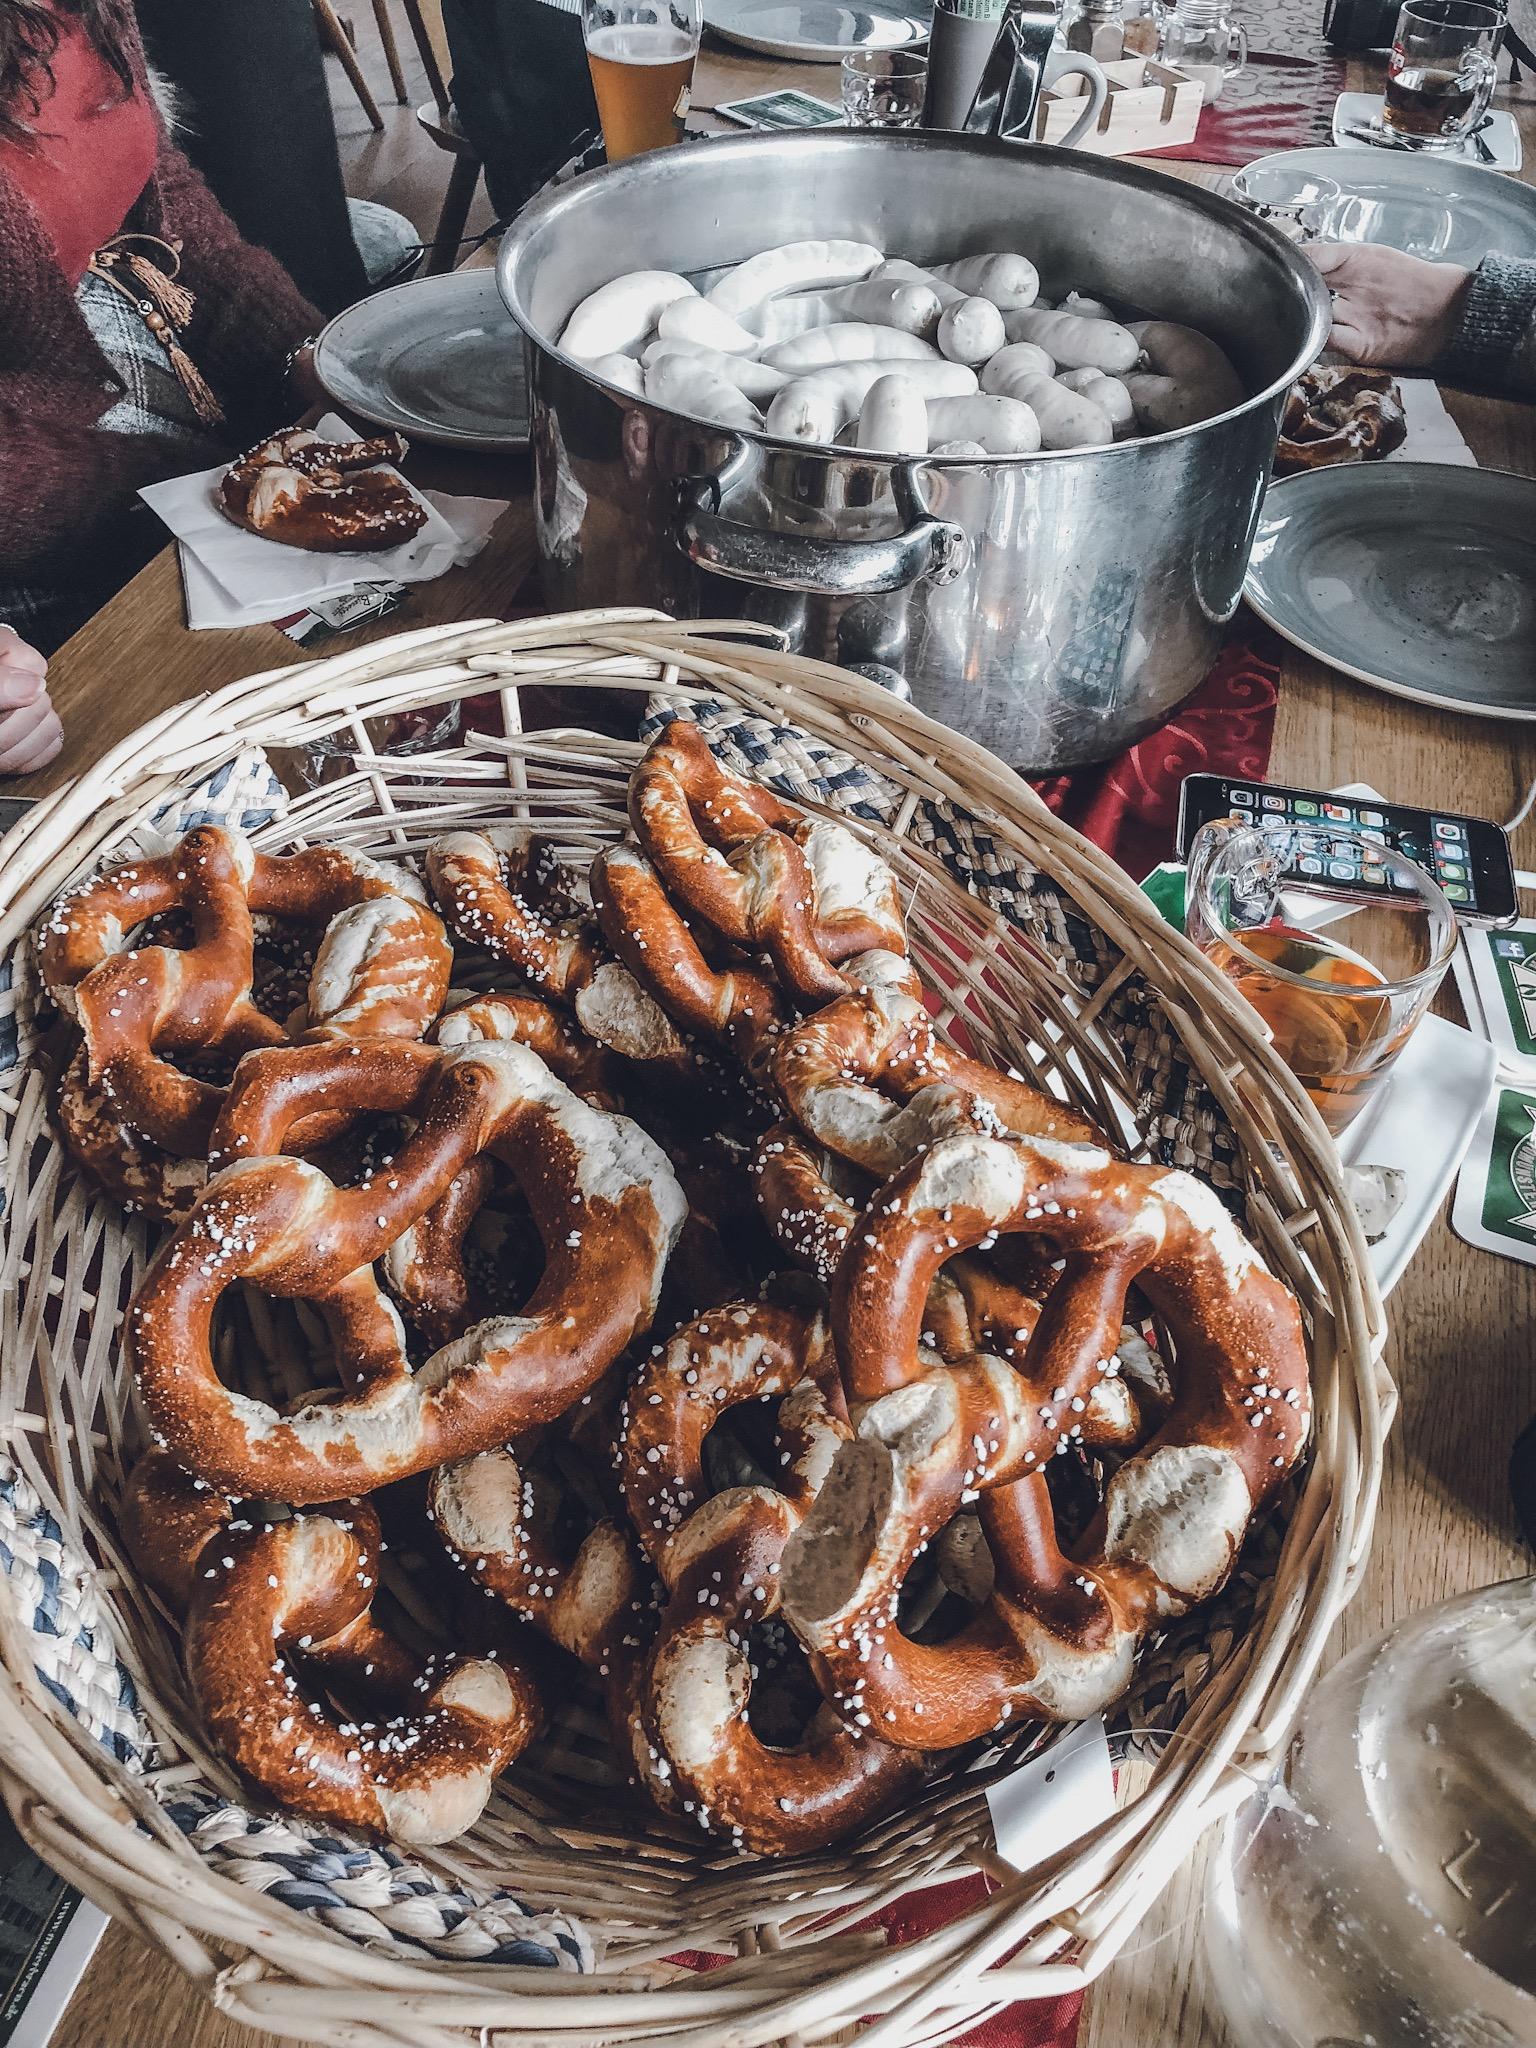 Baviera e le eccellenze gastronomiche